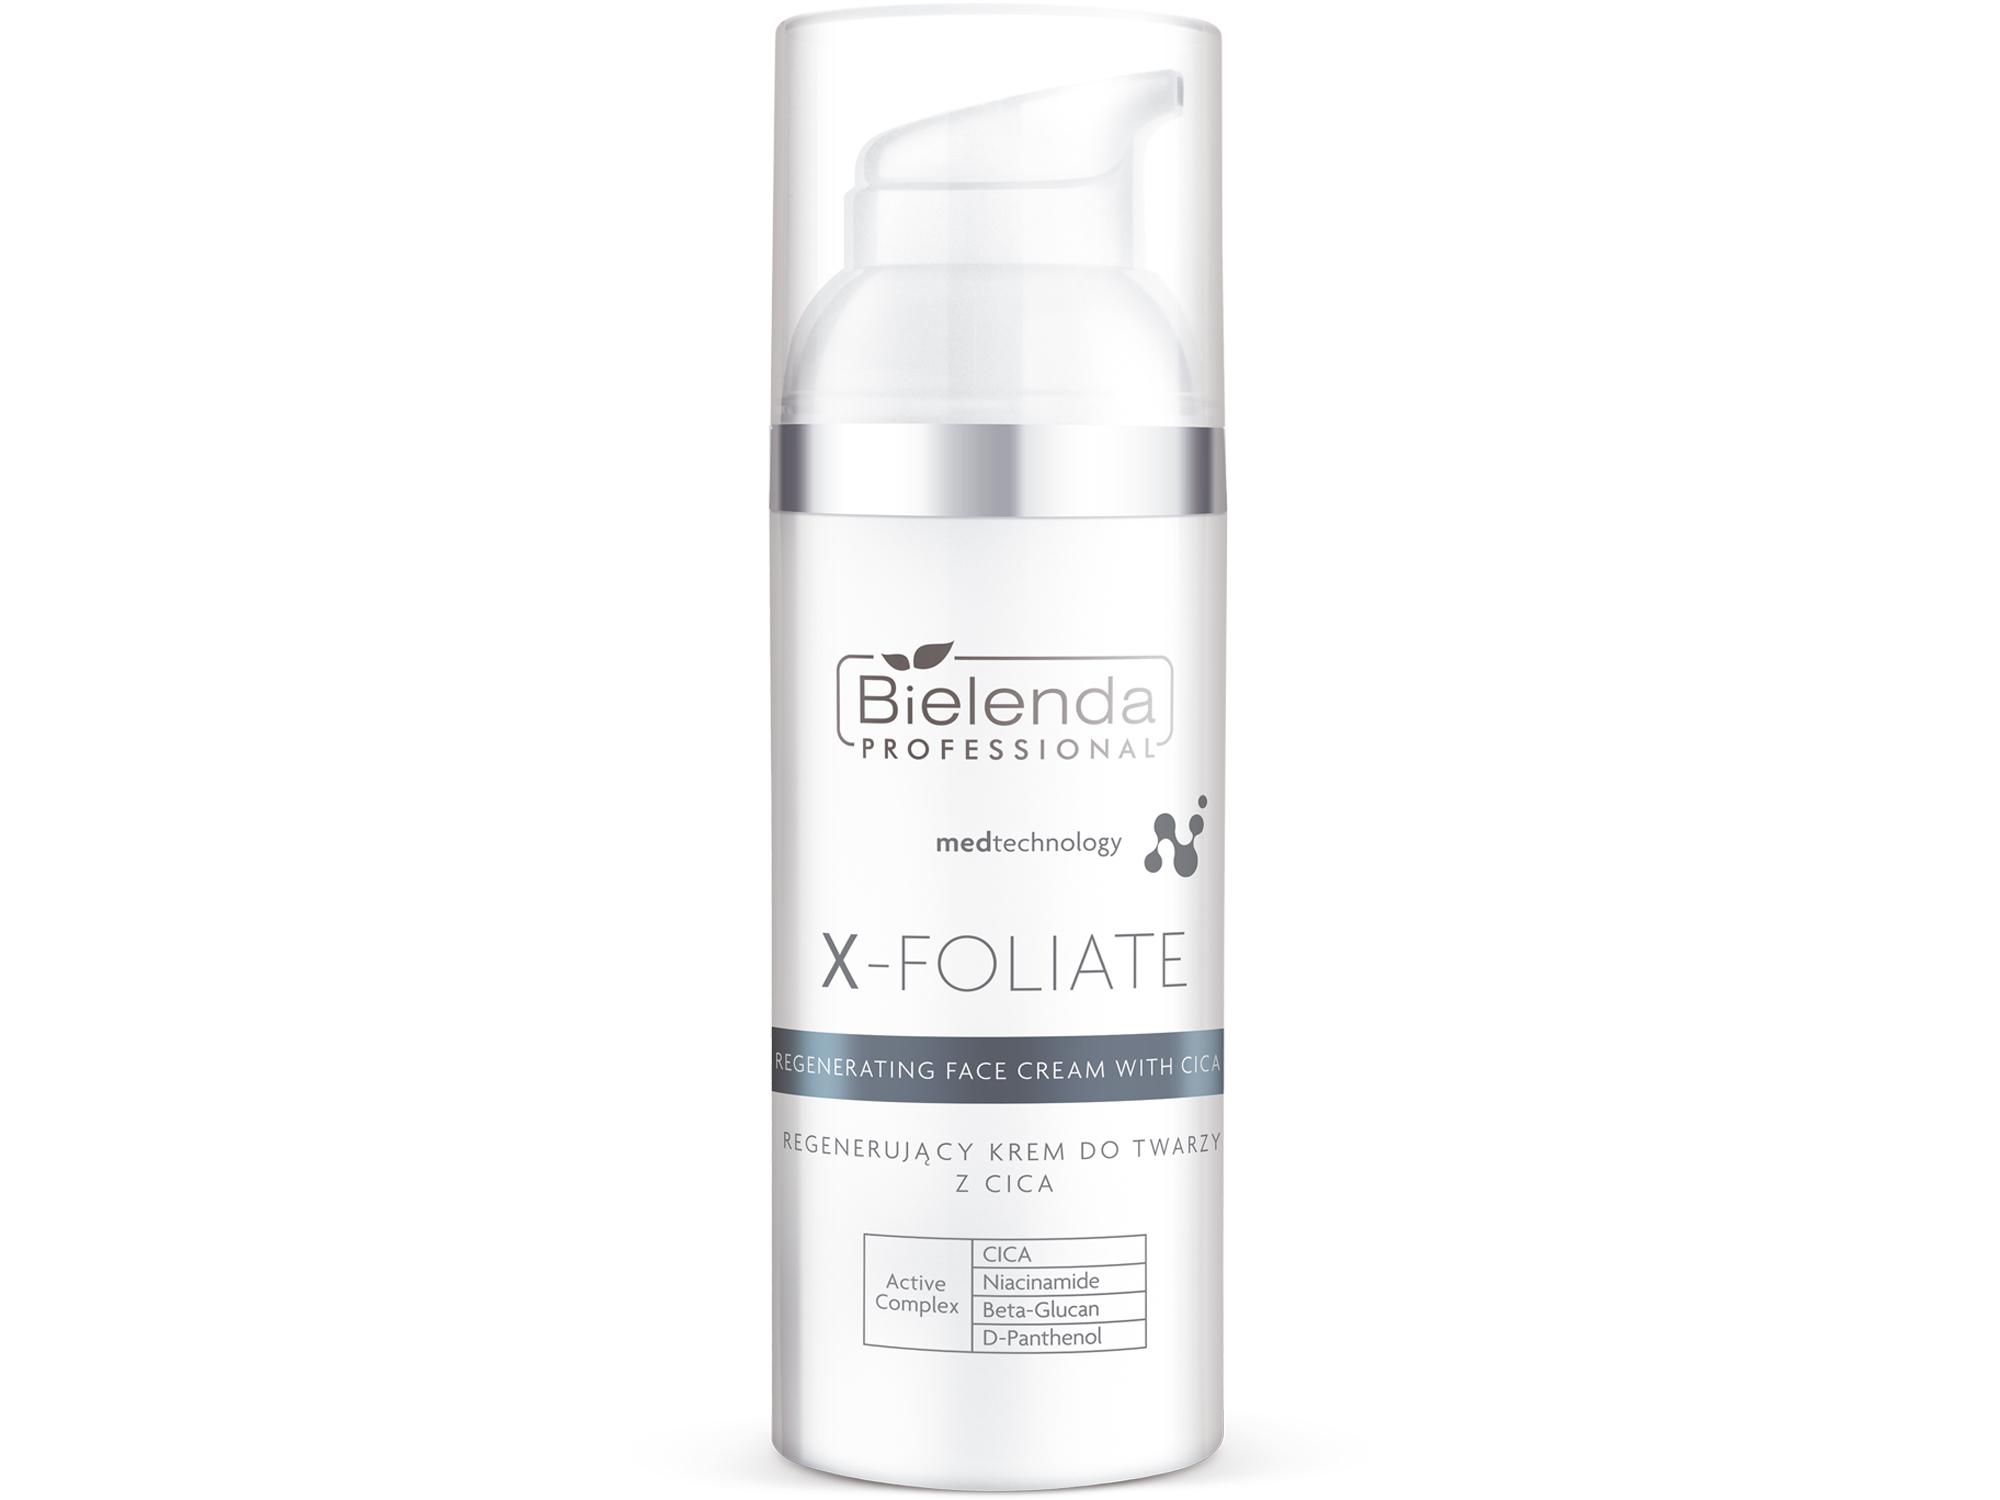 X-FOLIATE Regenerating Face Регенерирующий крем для лица с CICA, 50 мл.